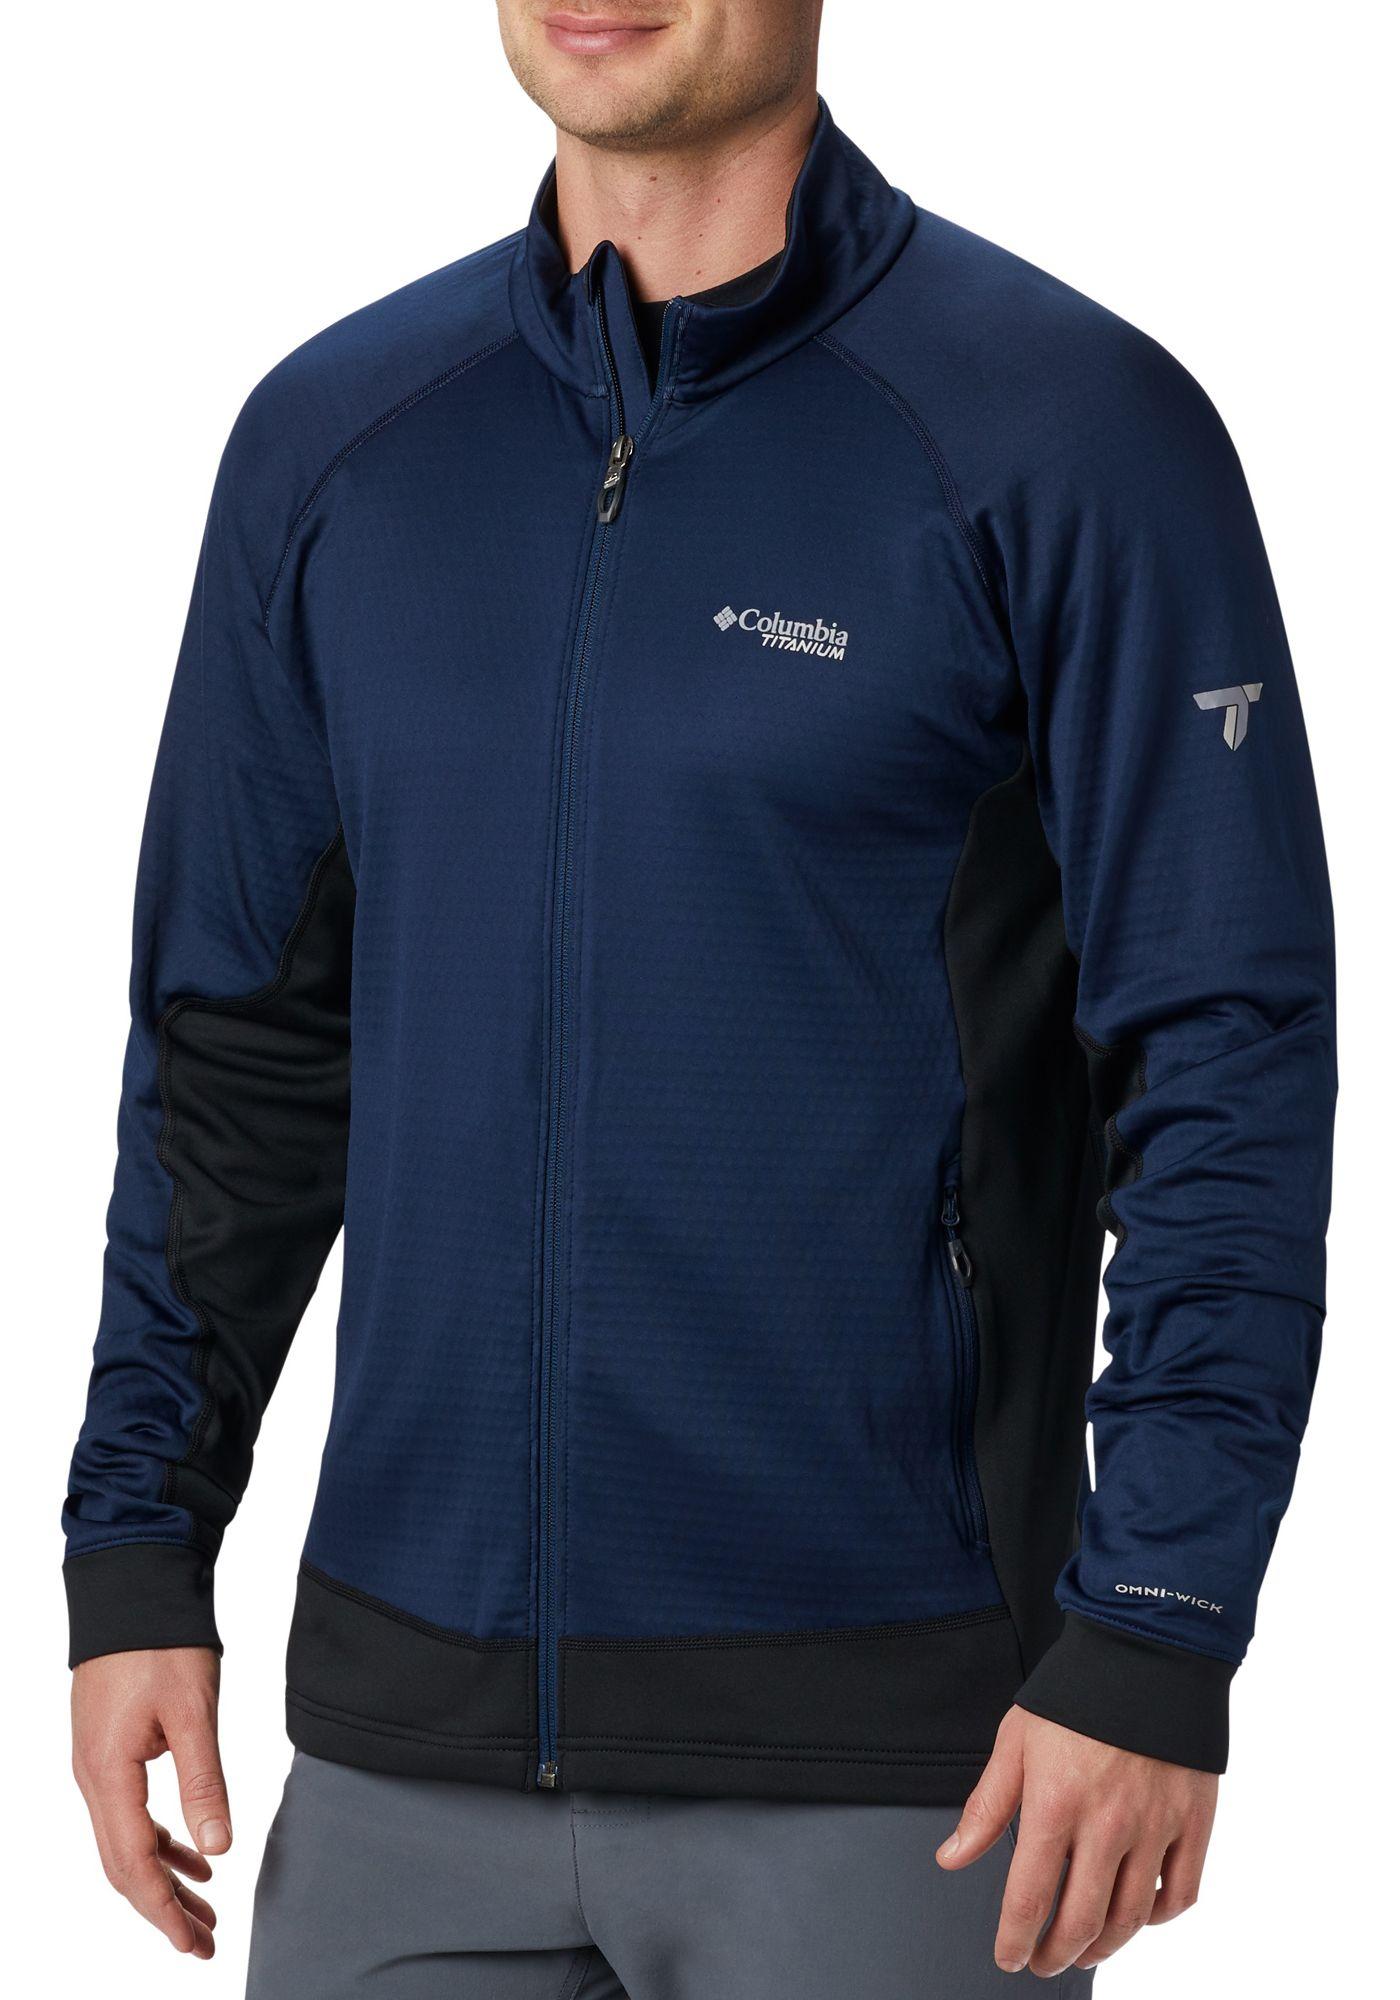 Columbia Men's Mount Defiance Jacket